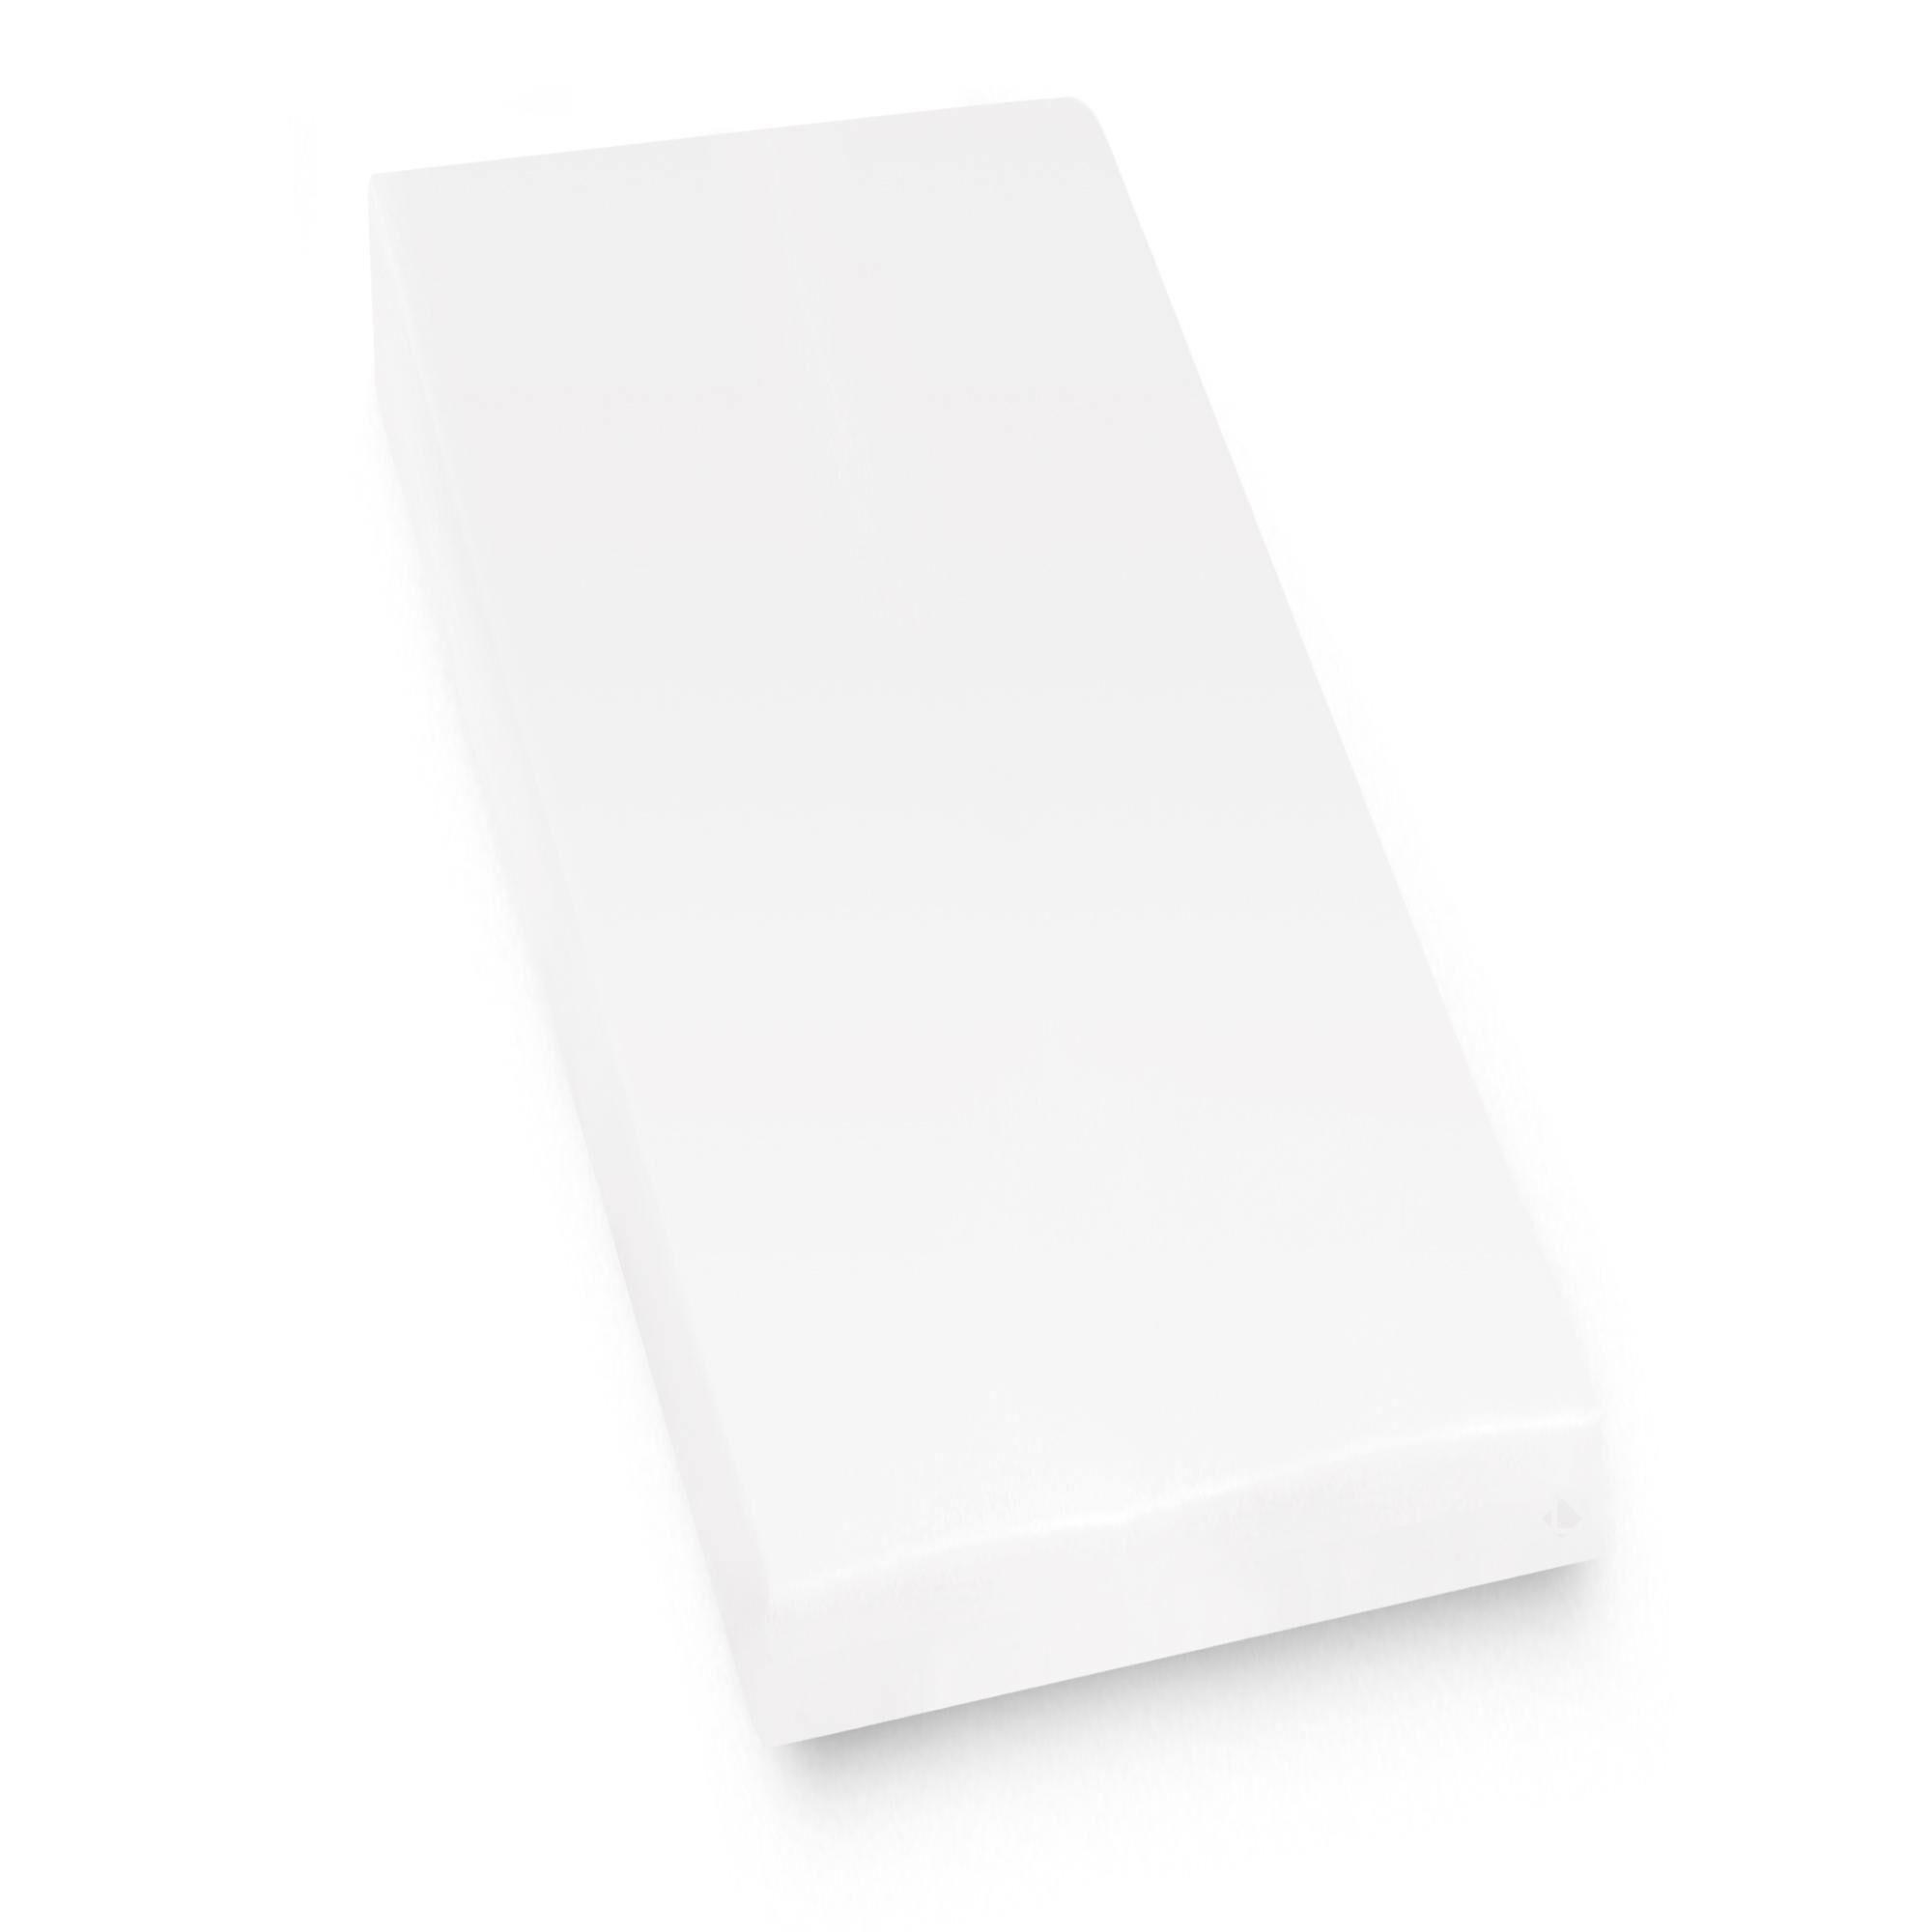 Linnea Protège matelas imperméable 80x190 cm bonnet 40cm ARNON molleton 100% coton contrecollé polyuréthane